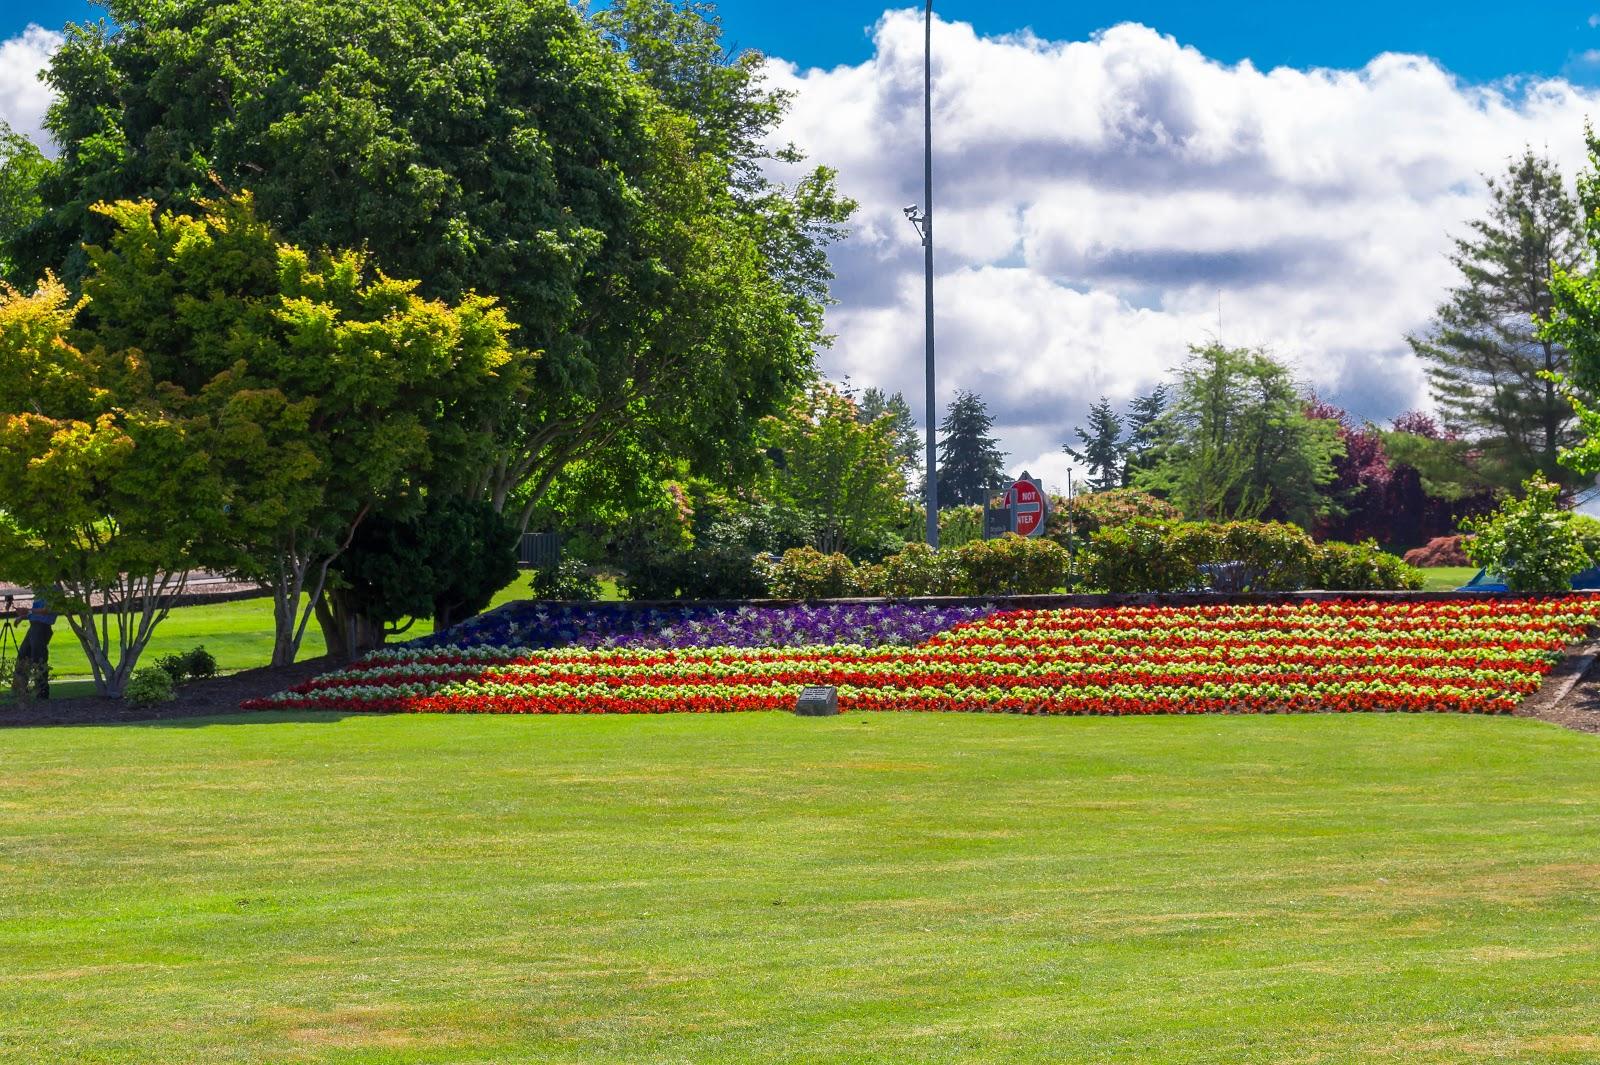 За аркой на американской стороне парка можно увидеть американский флаг, высаженный цветами.